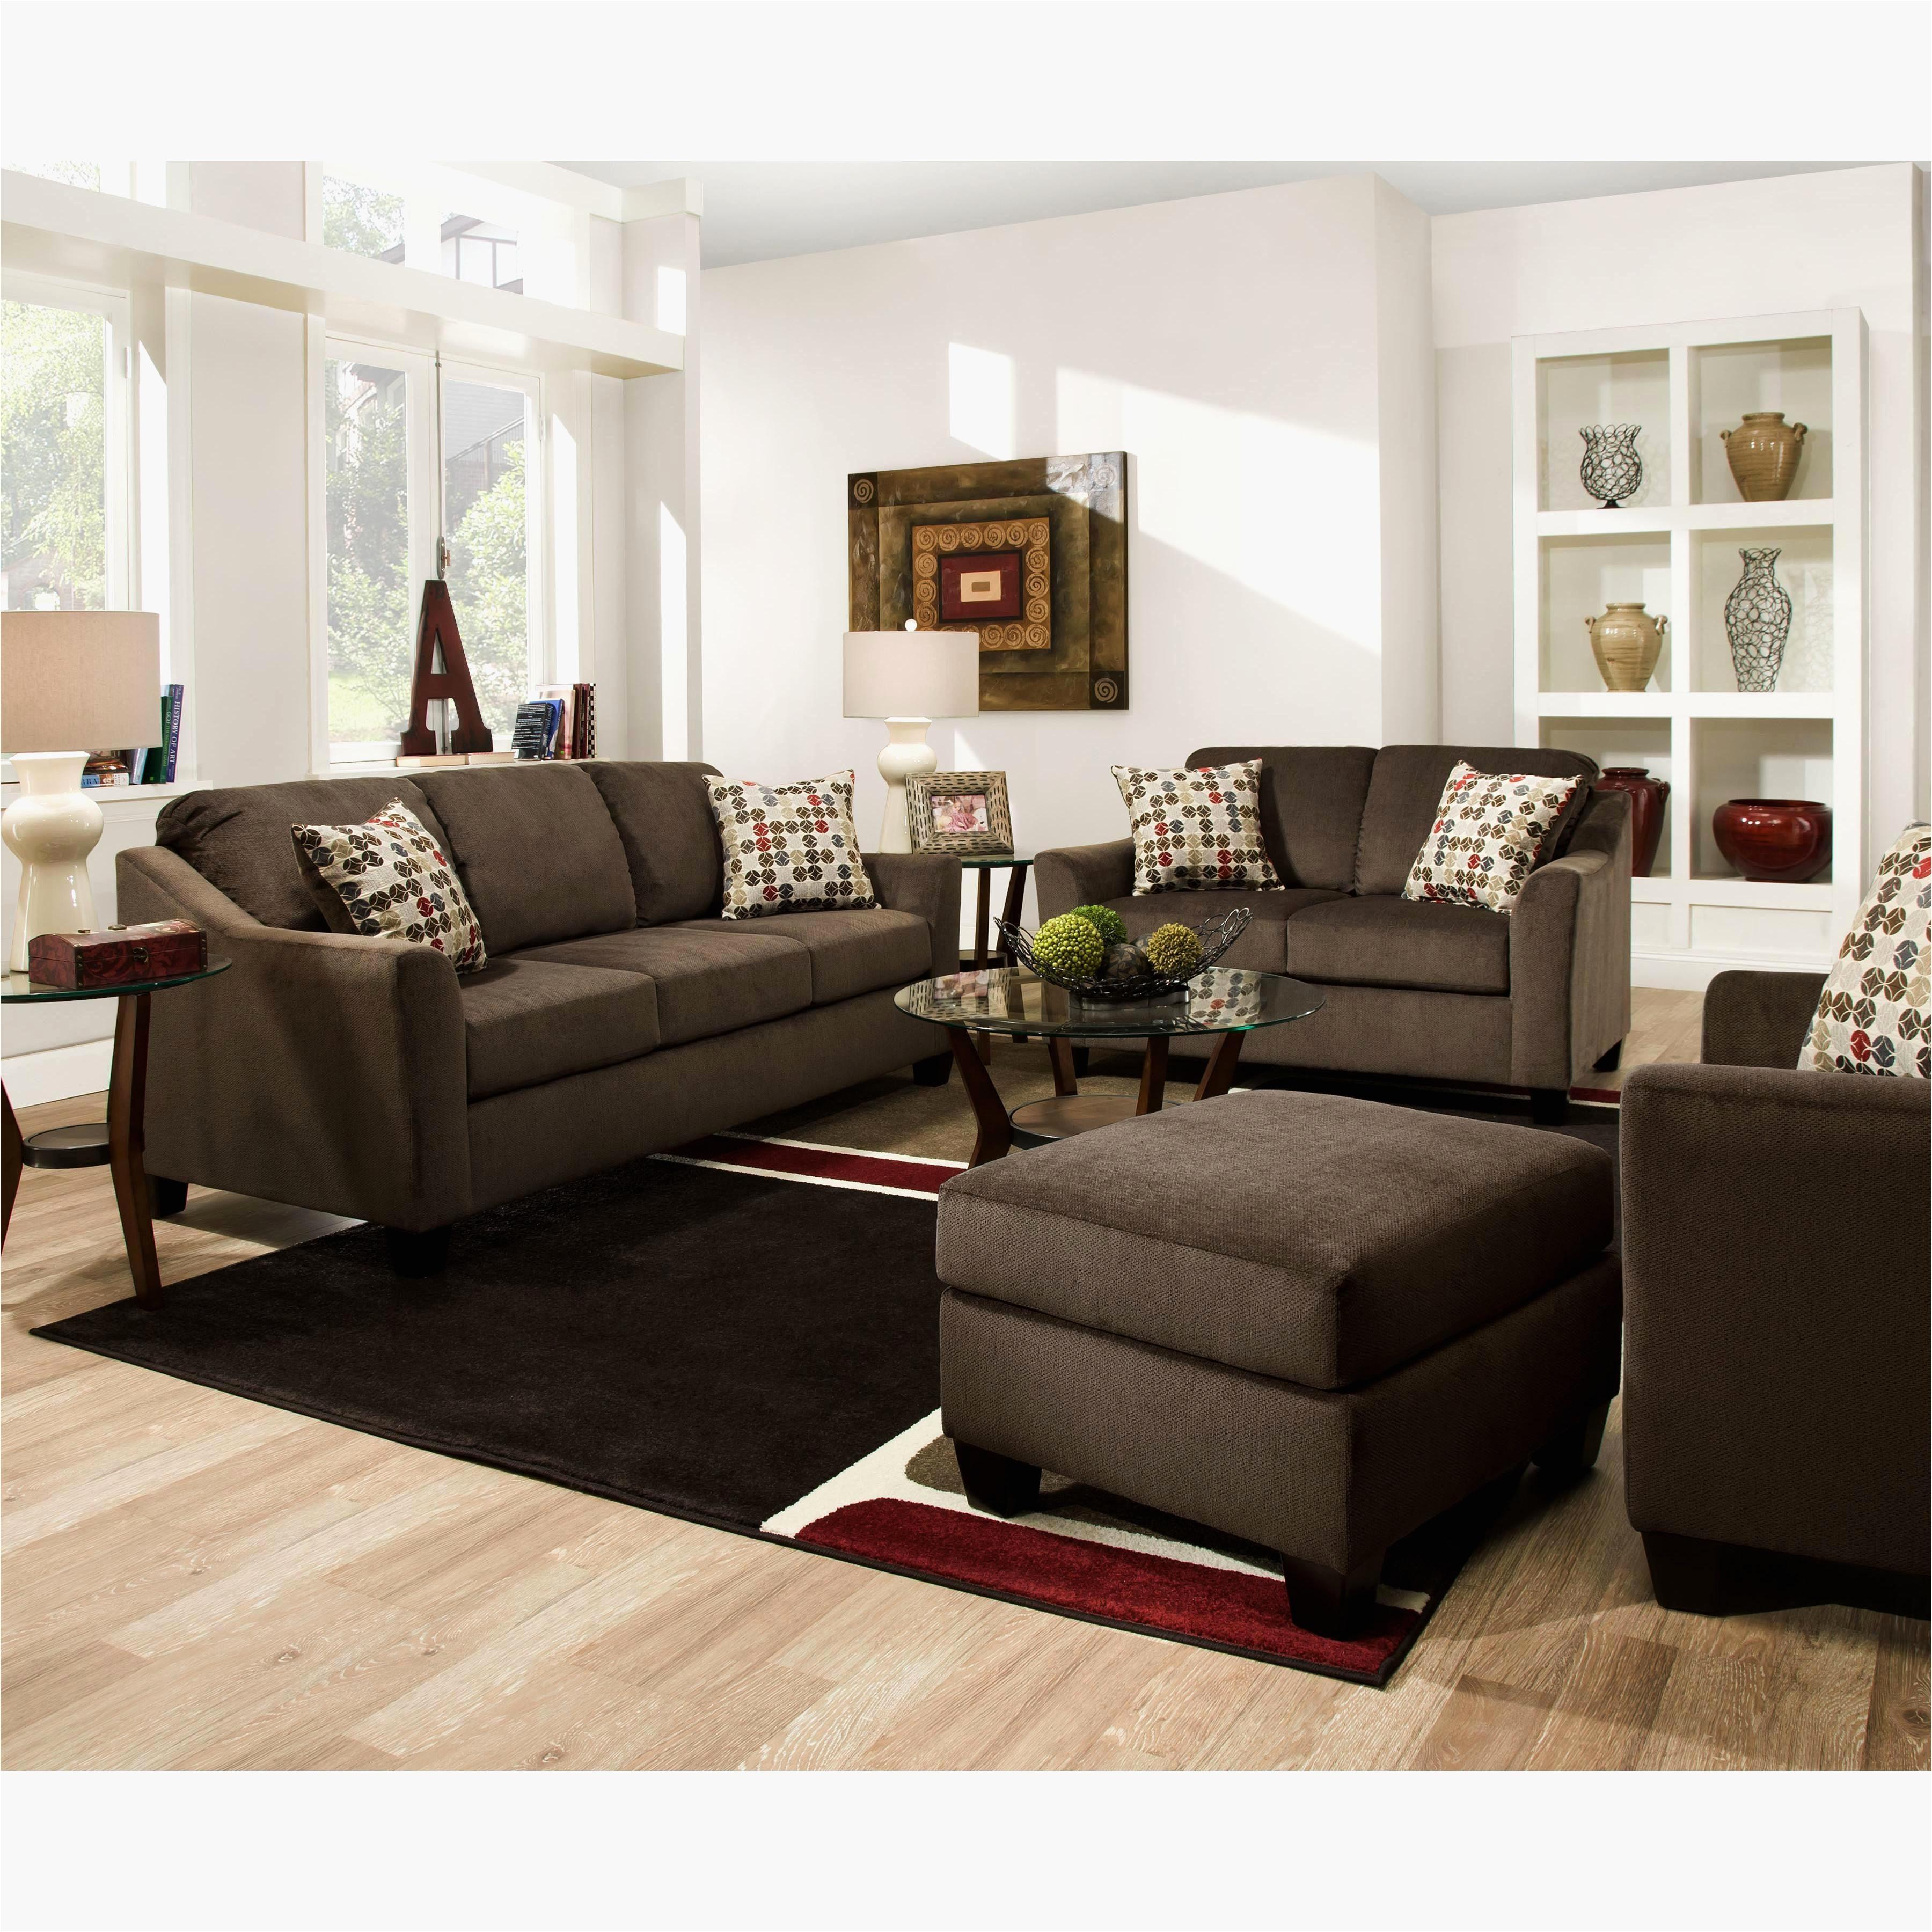 art van living room furniture fresh art van bedroom sets unique coronado bedroom furniture liberty pics